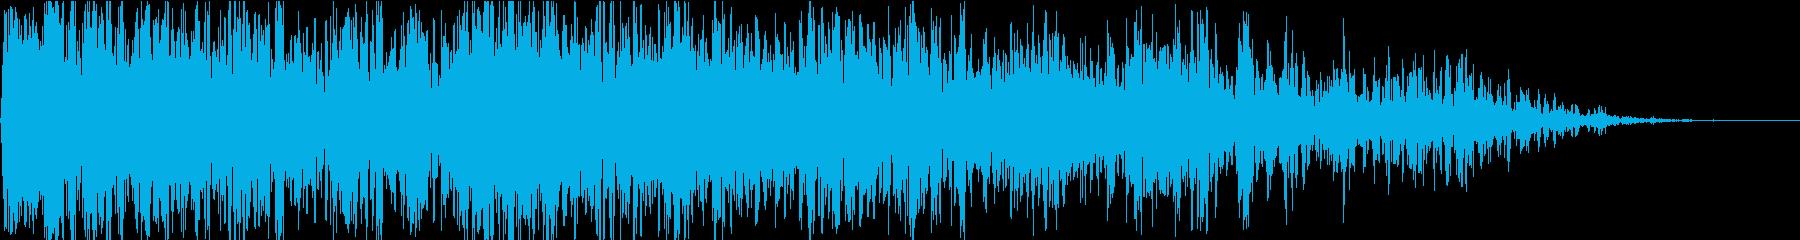 雷06の再生済みの波形